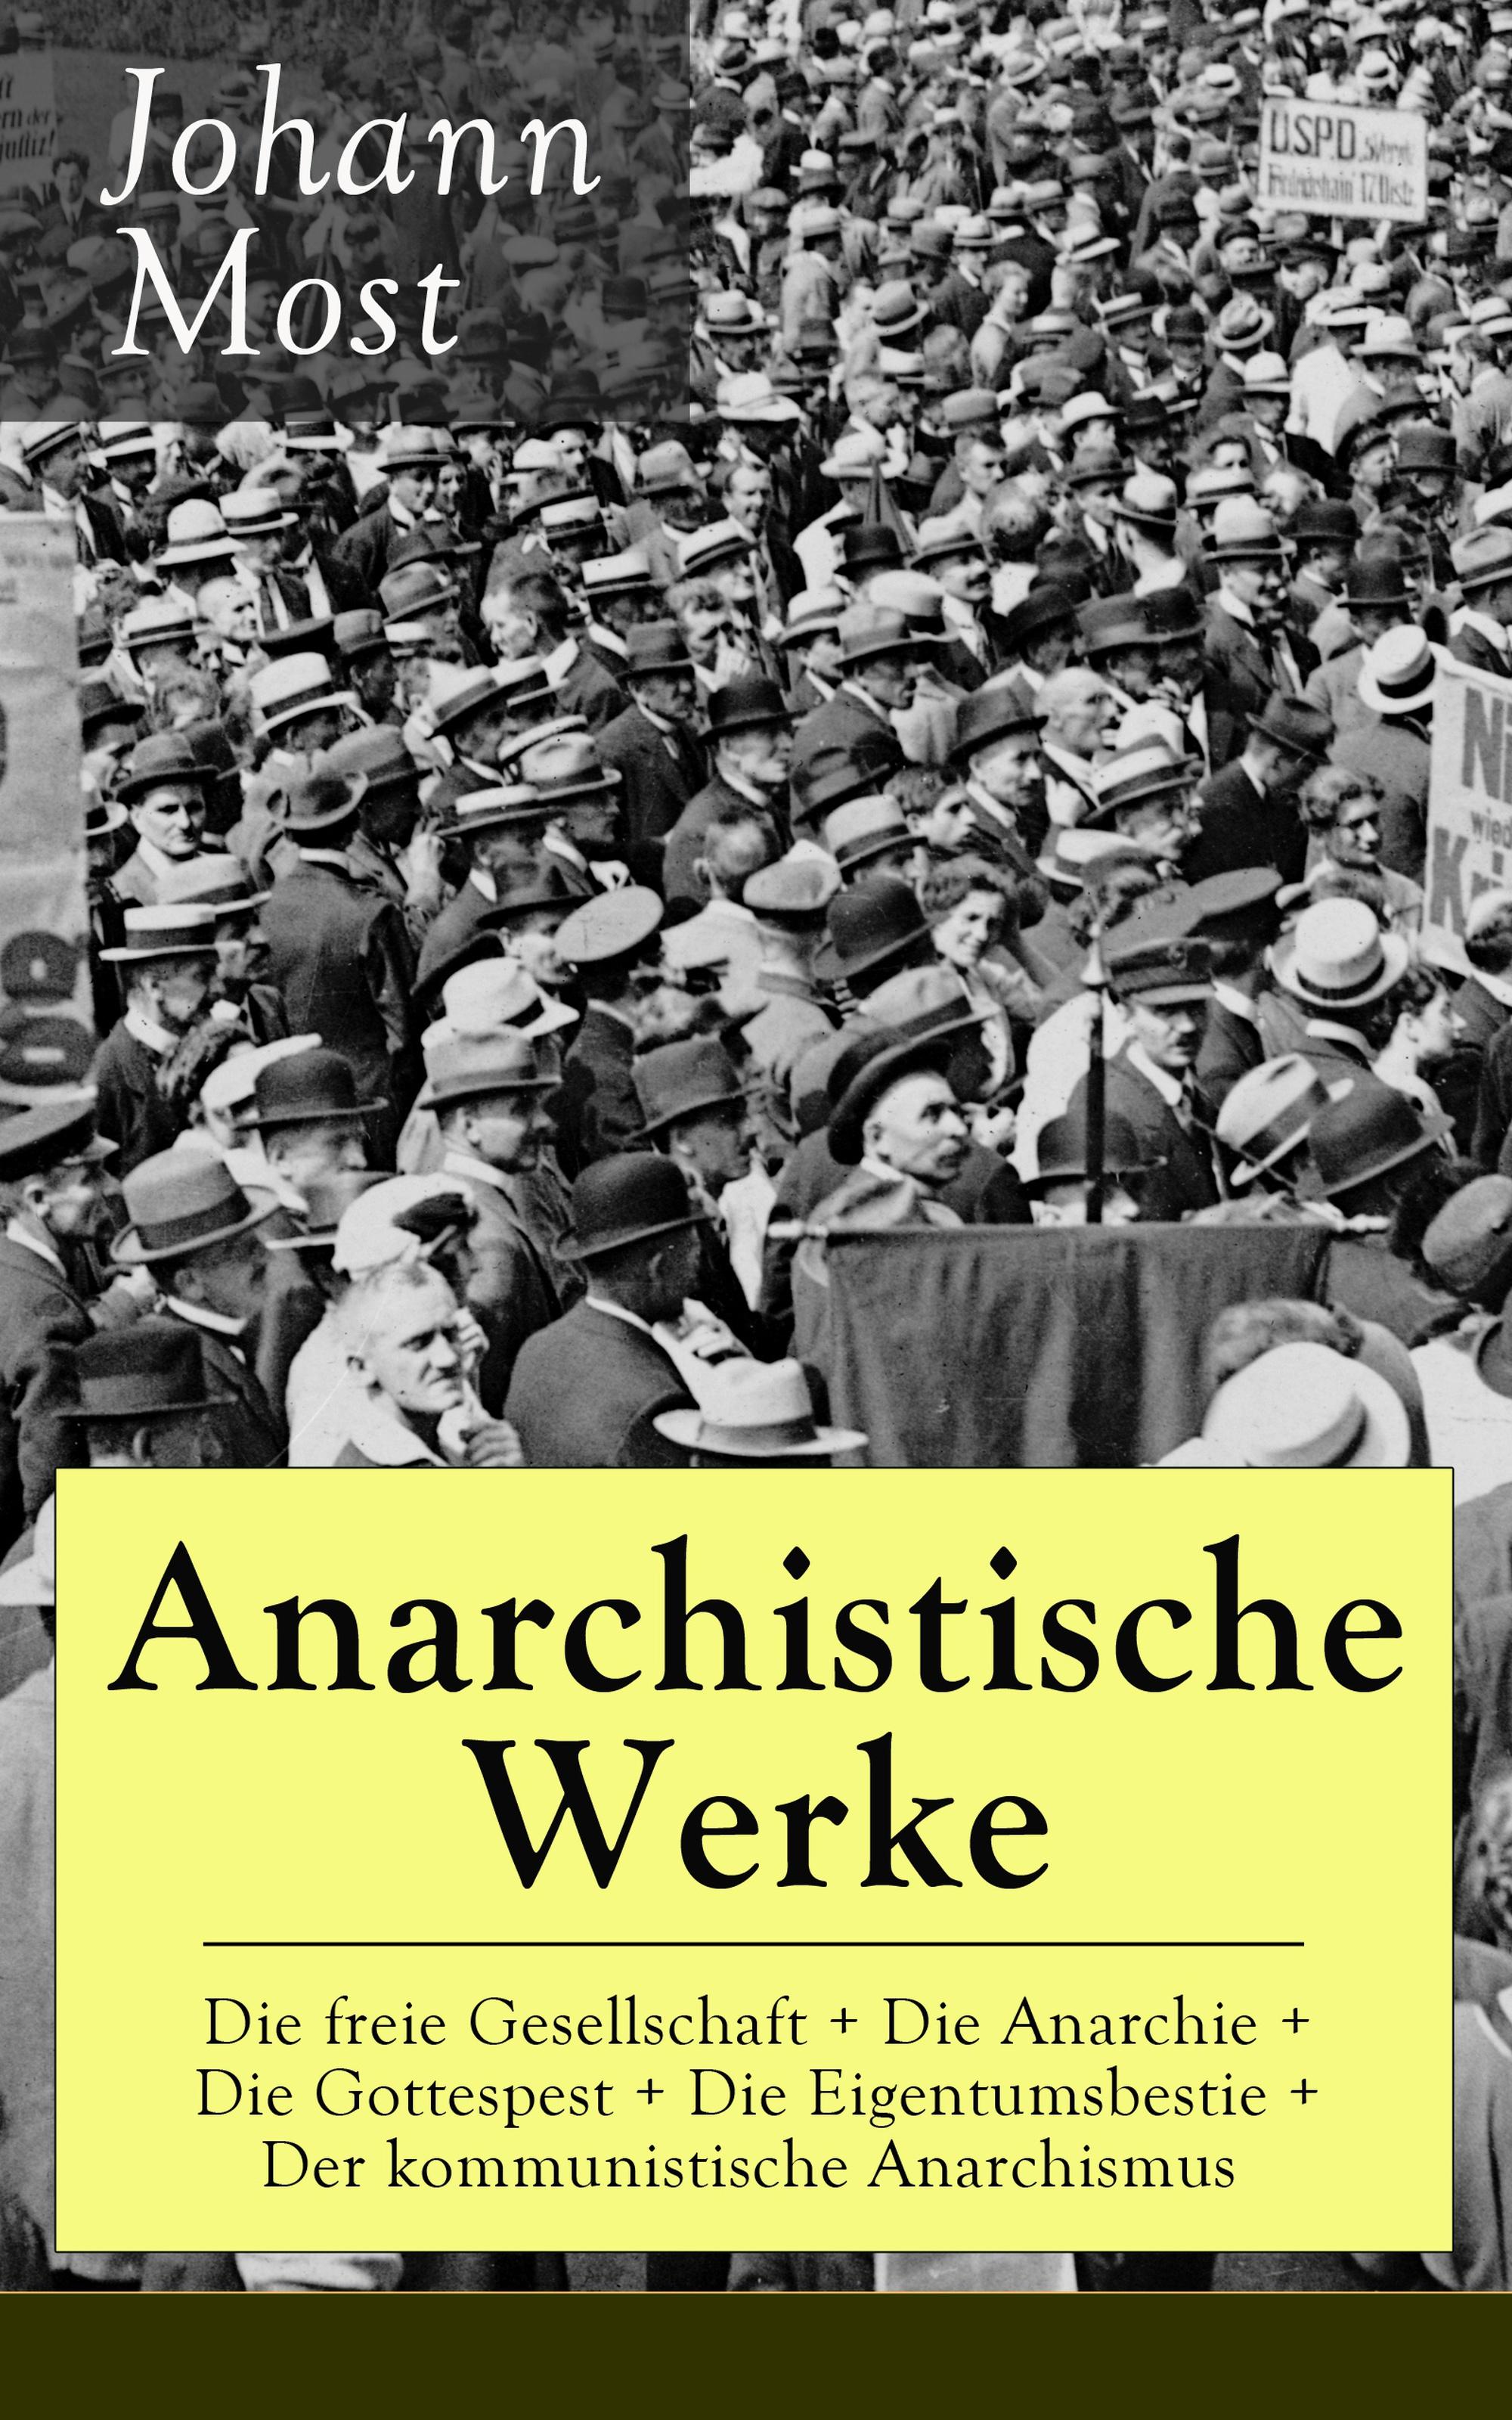 Johann Most Anarchistische Werke: Die freie Gesellschaft + Die Anarchie + Die Gottespest + Die Eigentumsbestie + Der kommunistische Anarchismus russische zaren die rurikiden die romanows